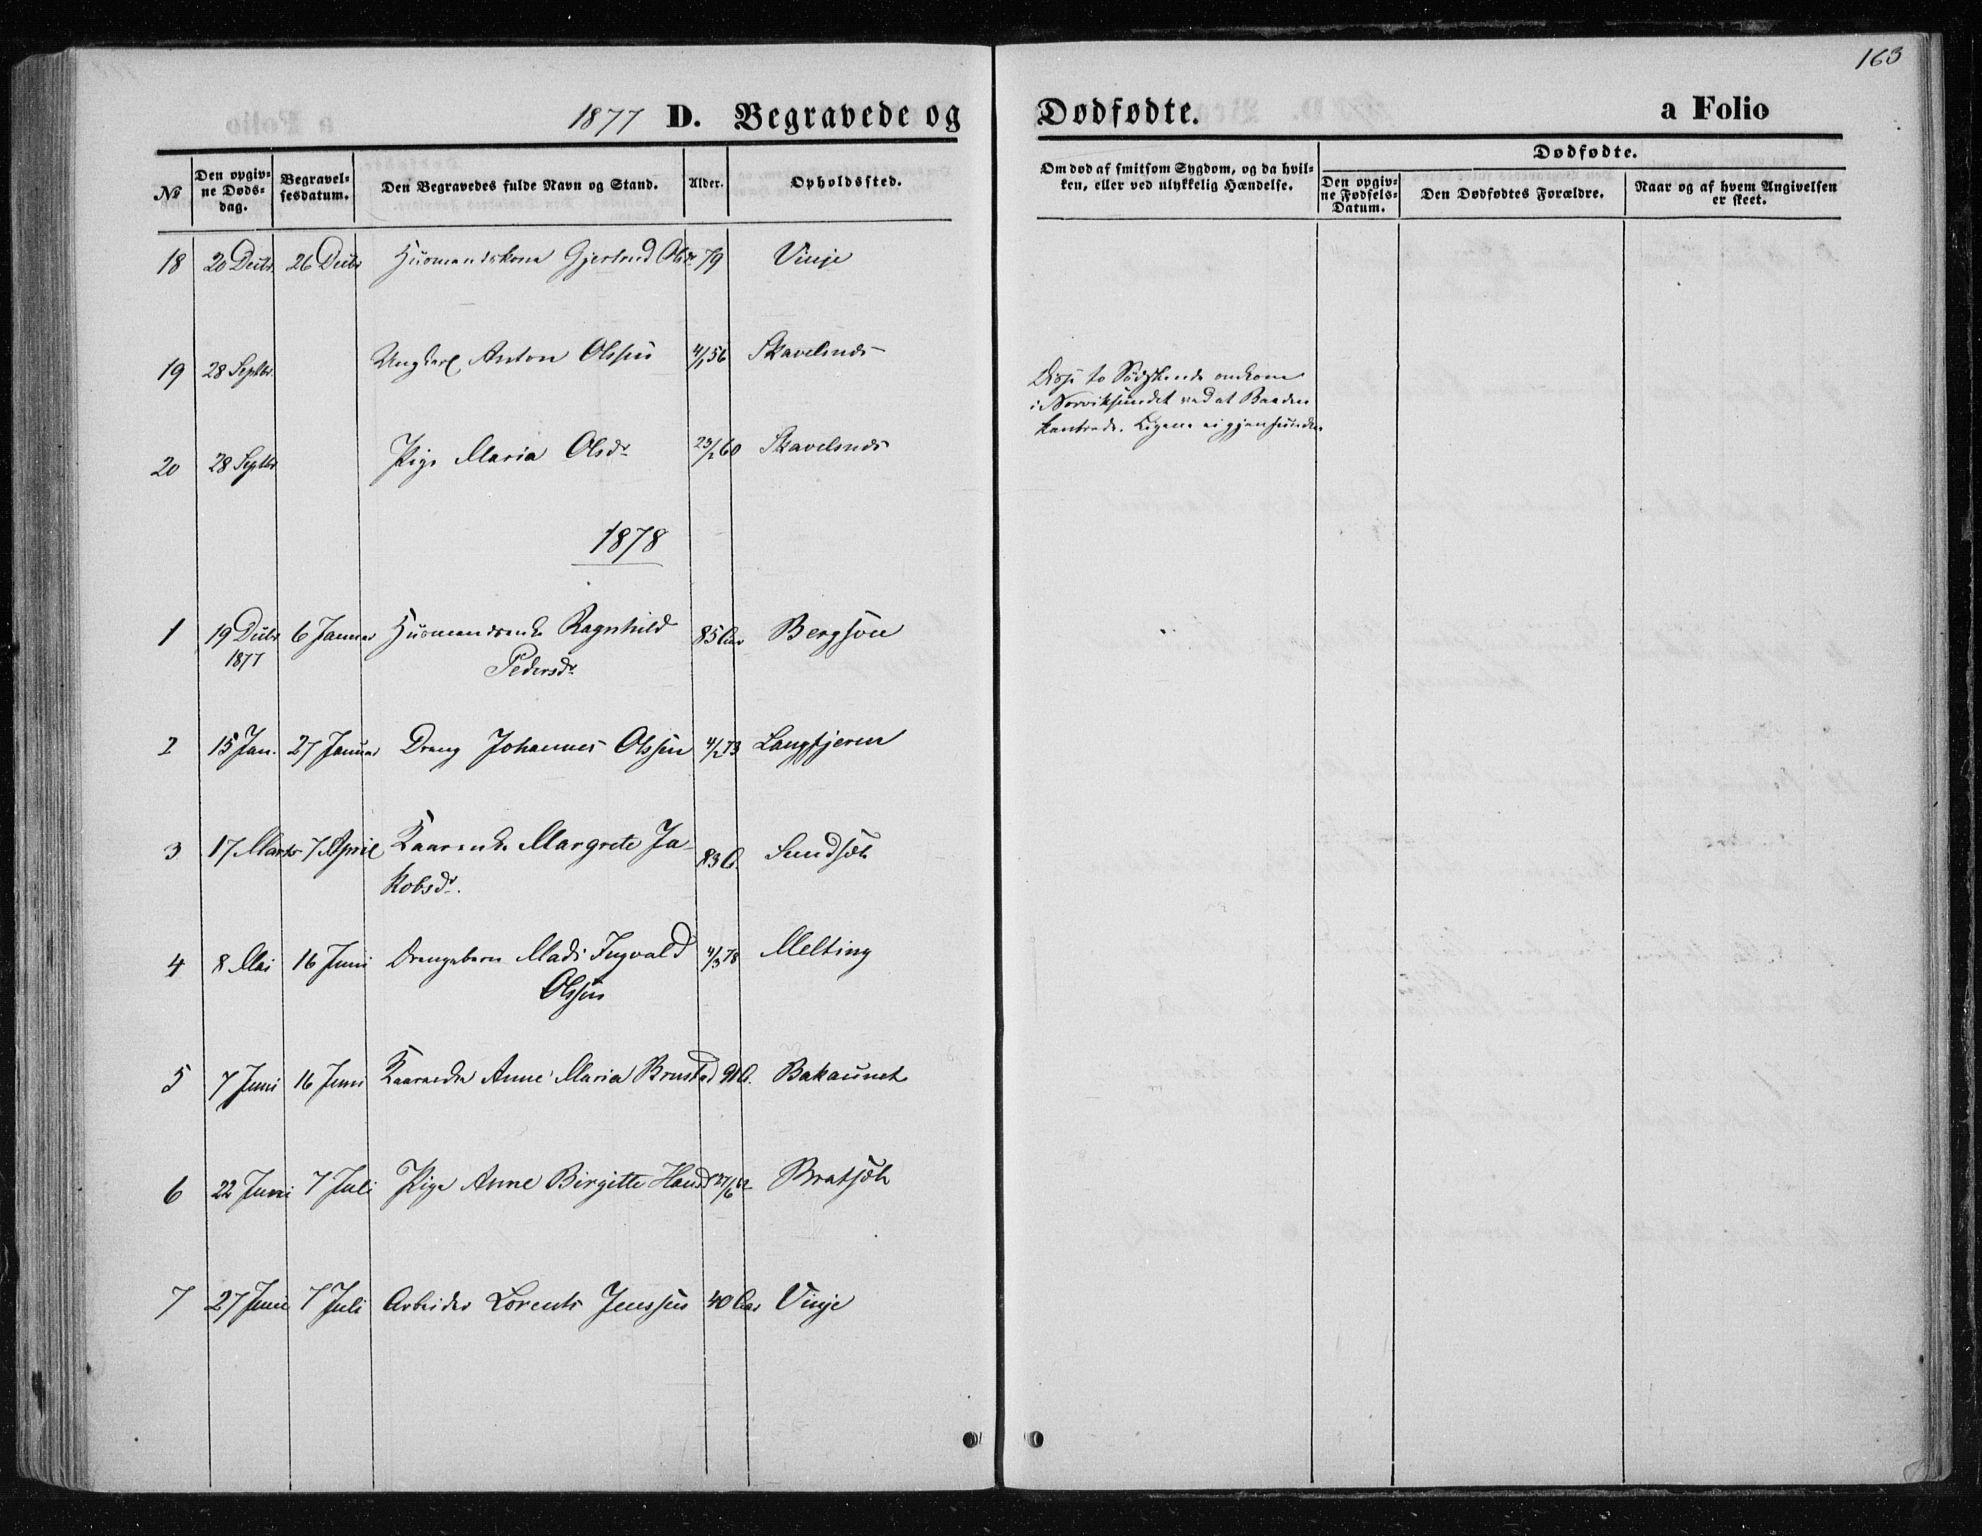 SAT, Ministerialprotokoller, klokkerbøker og fødselsregistre - Nord-Trøndelag, 733/L0324: Ministerialbok nr. 733A03, 1870-1883, s. 163